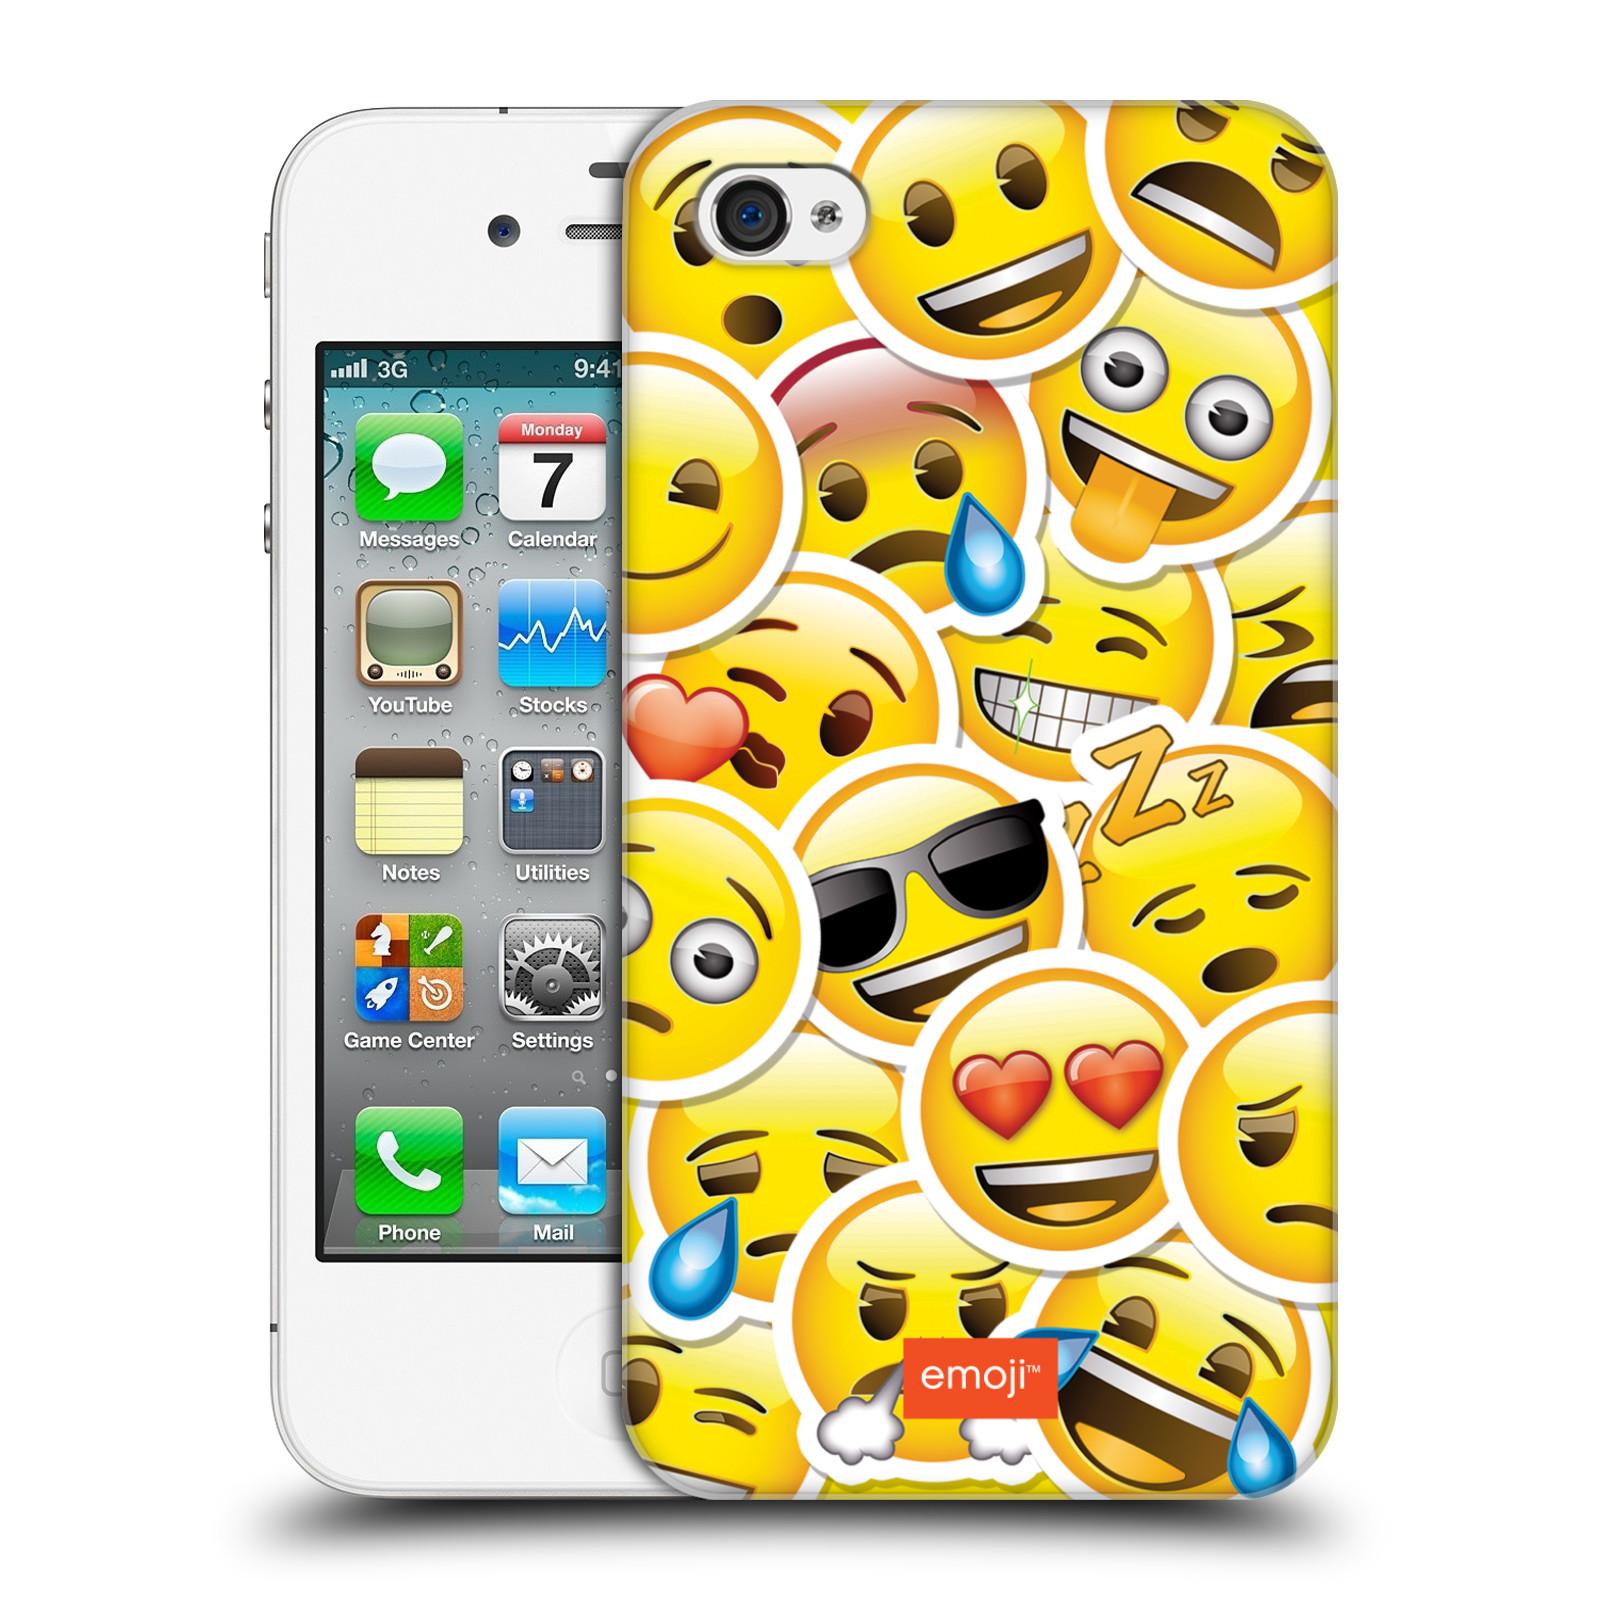 Plastové pouzdro na mobil Apple iPhone 4 a 4S HEAD CASE EMOJI - Velcí  smajlíci ZZ 11bb51042b0